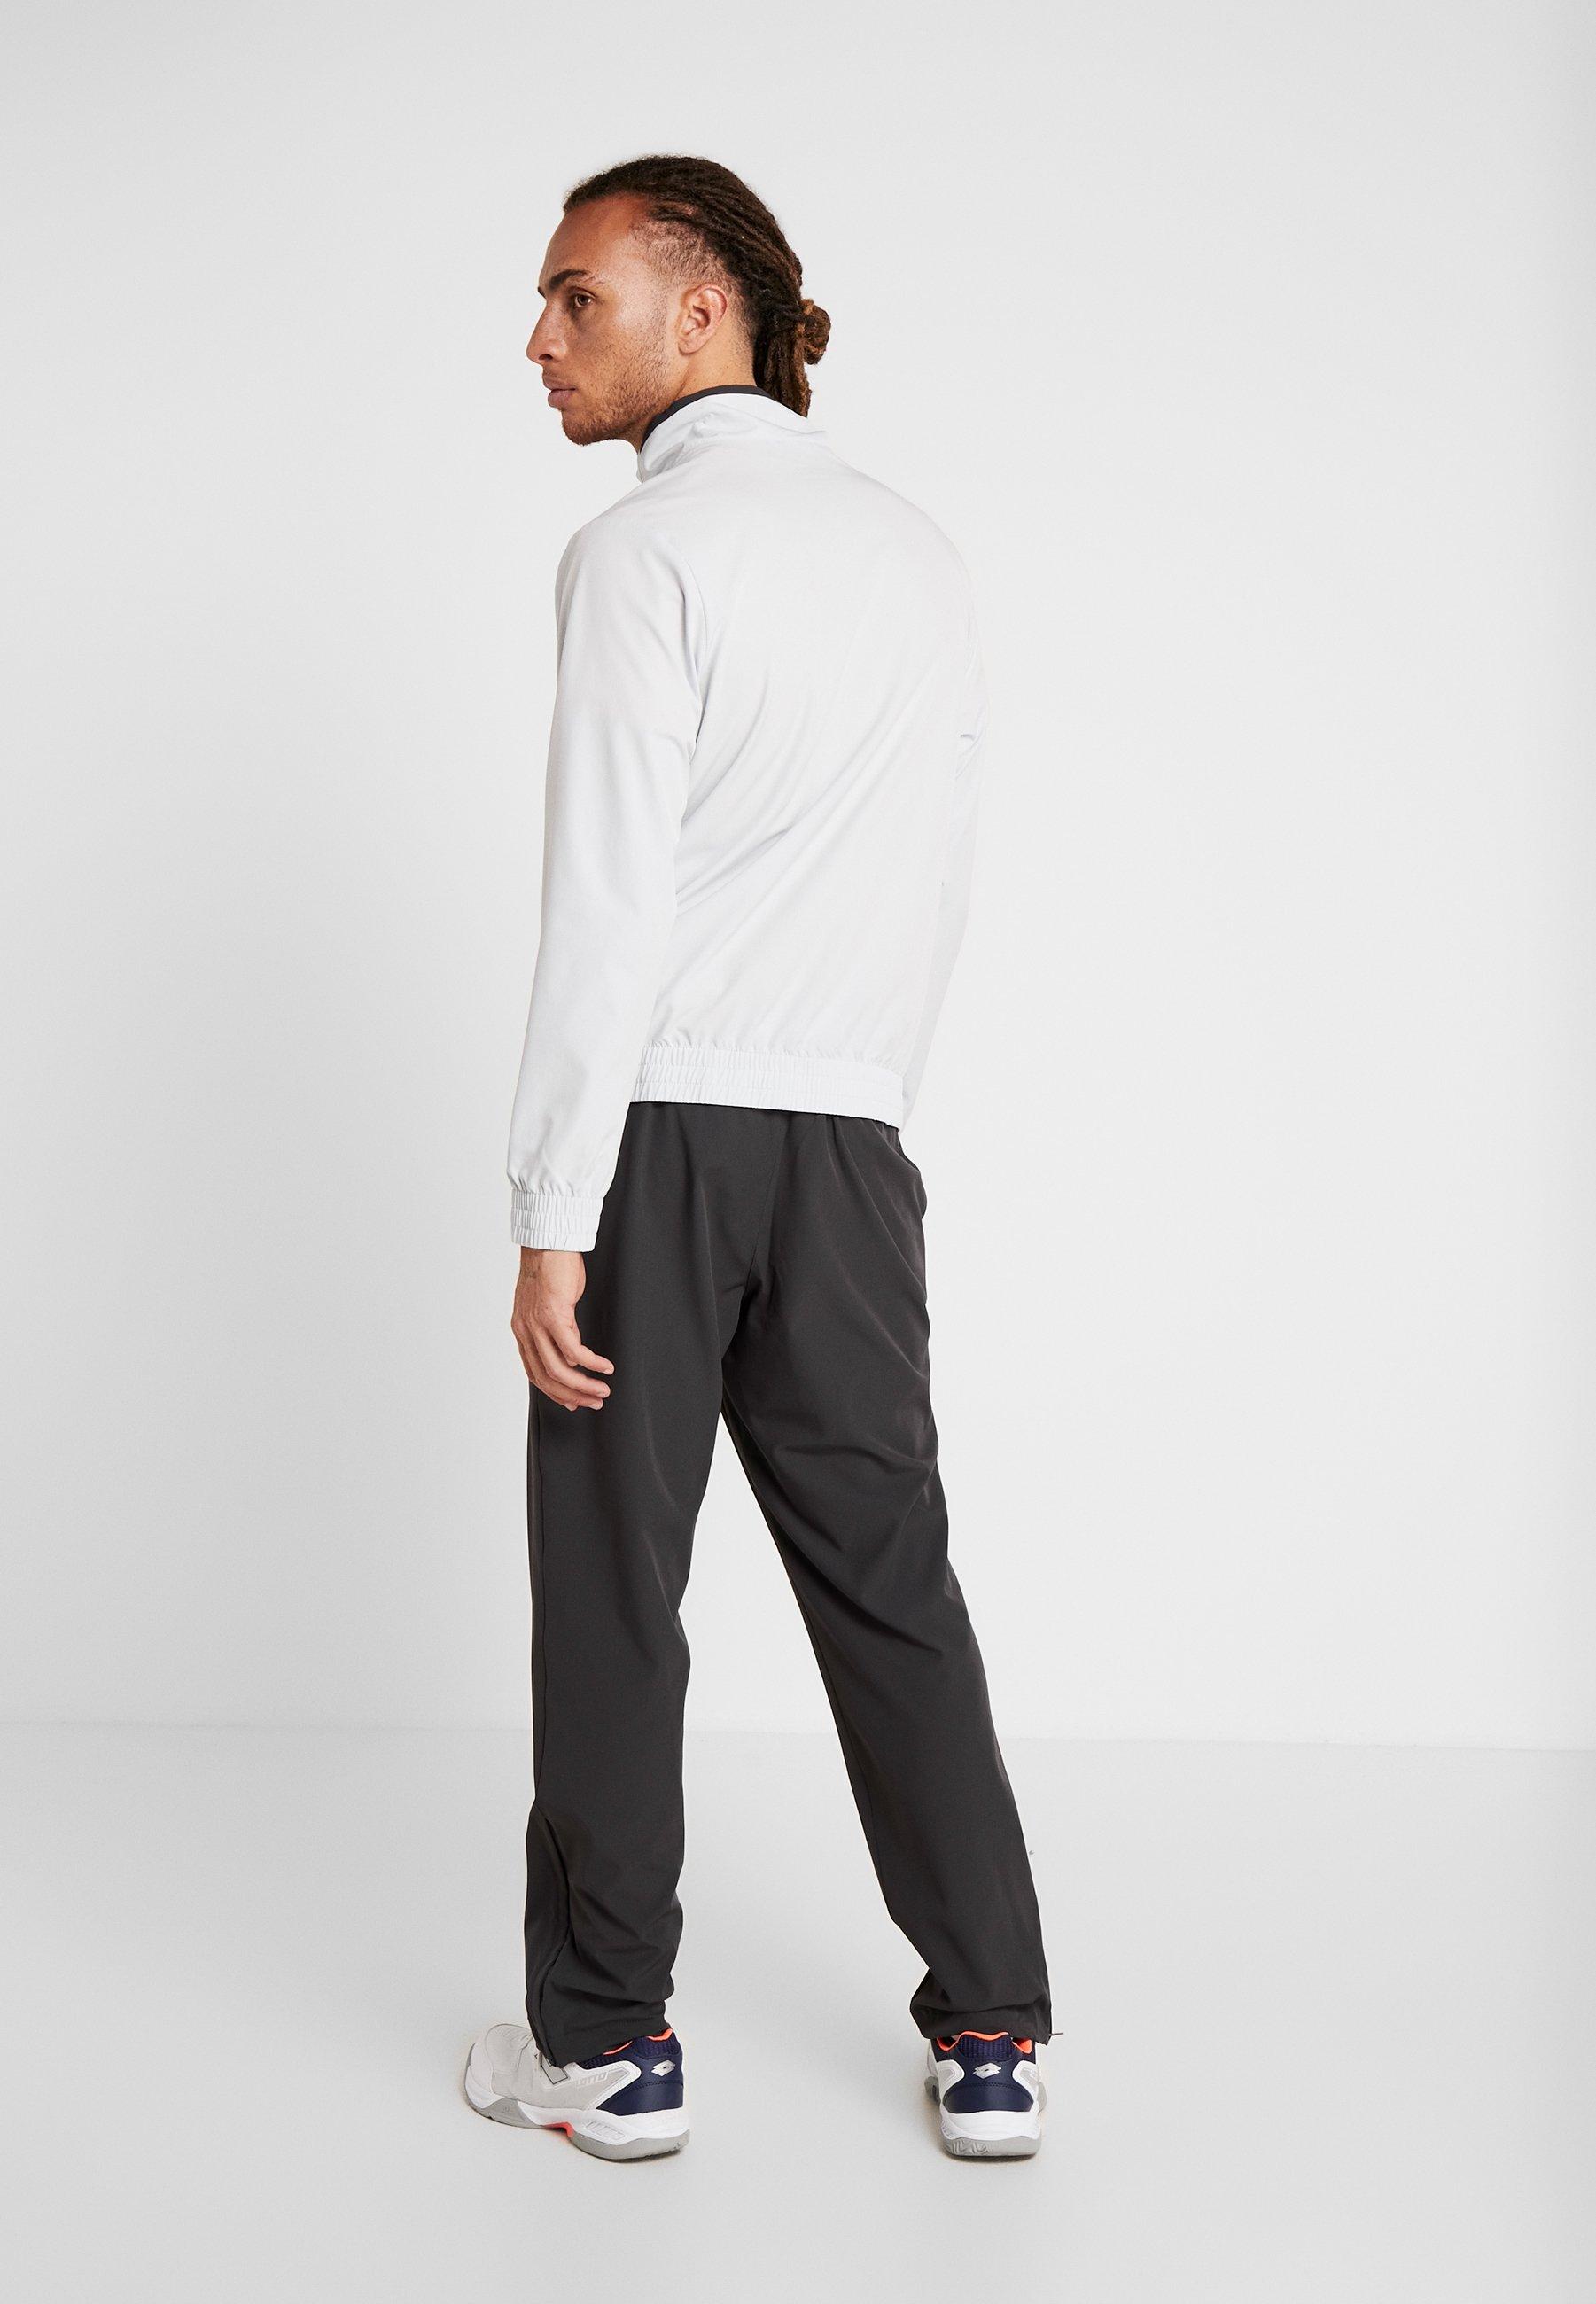 Lotto TENNIS TECH PANTS- Pantalon de survêtement asphalt